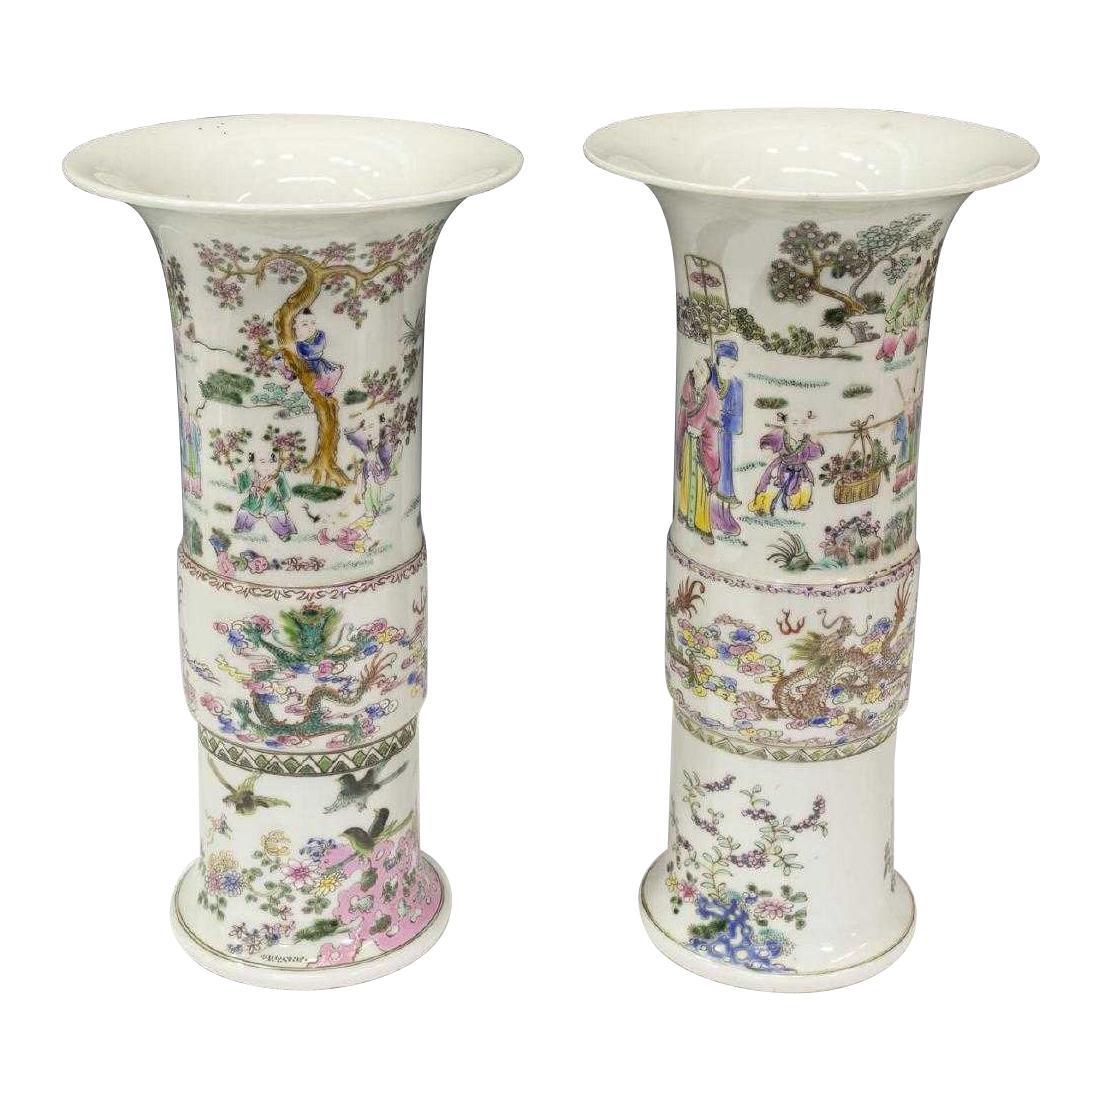 Pair of Chinese Famille Rose Porcelain Beaker Vases